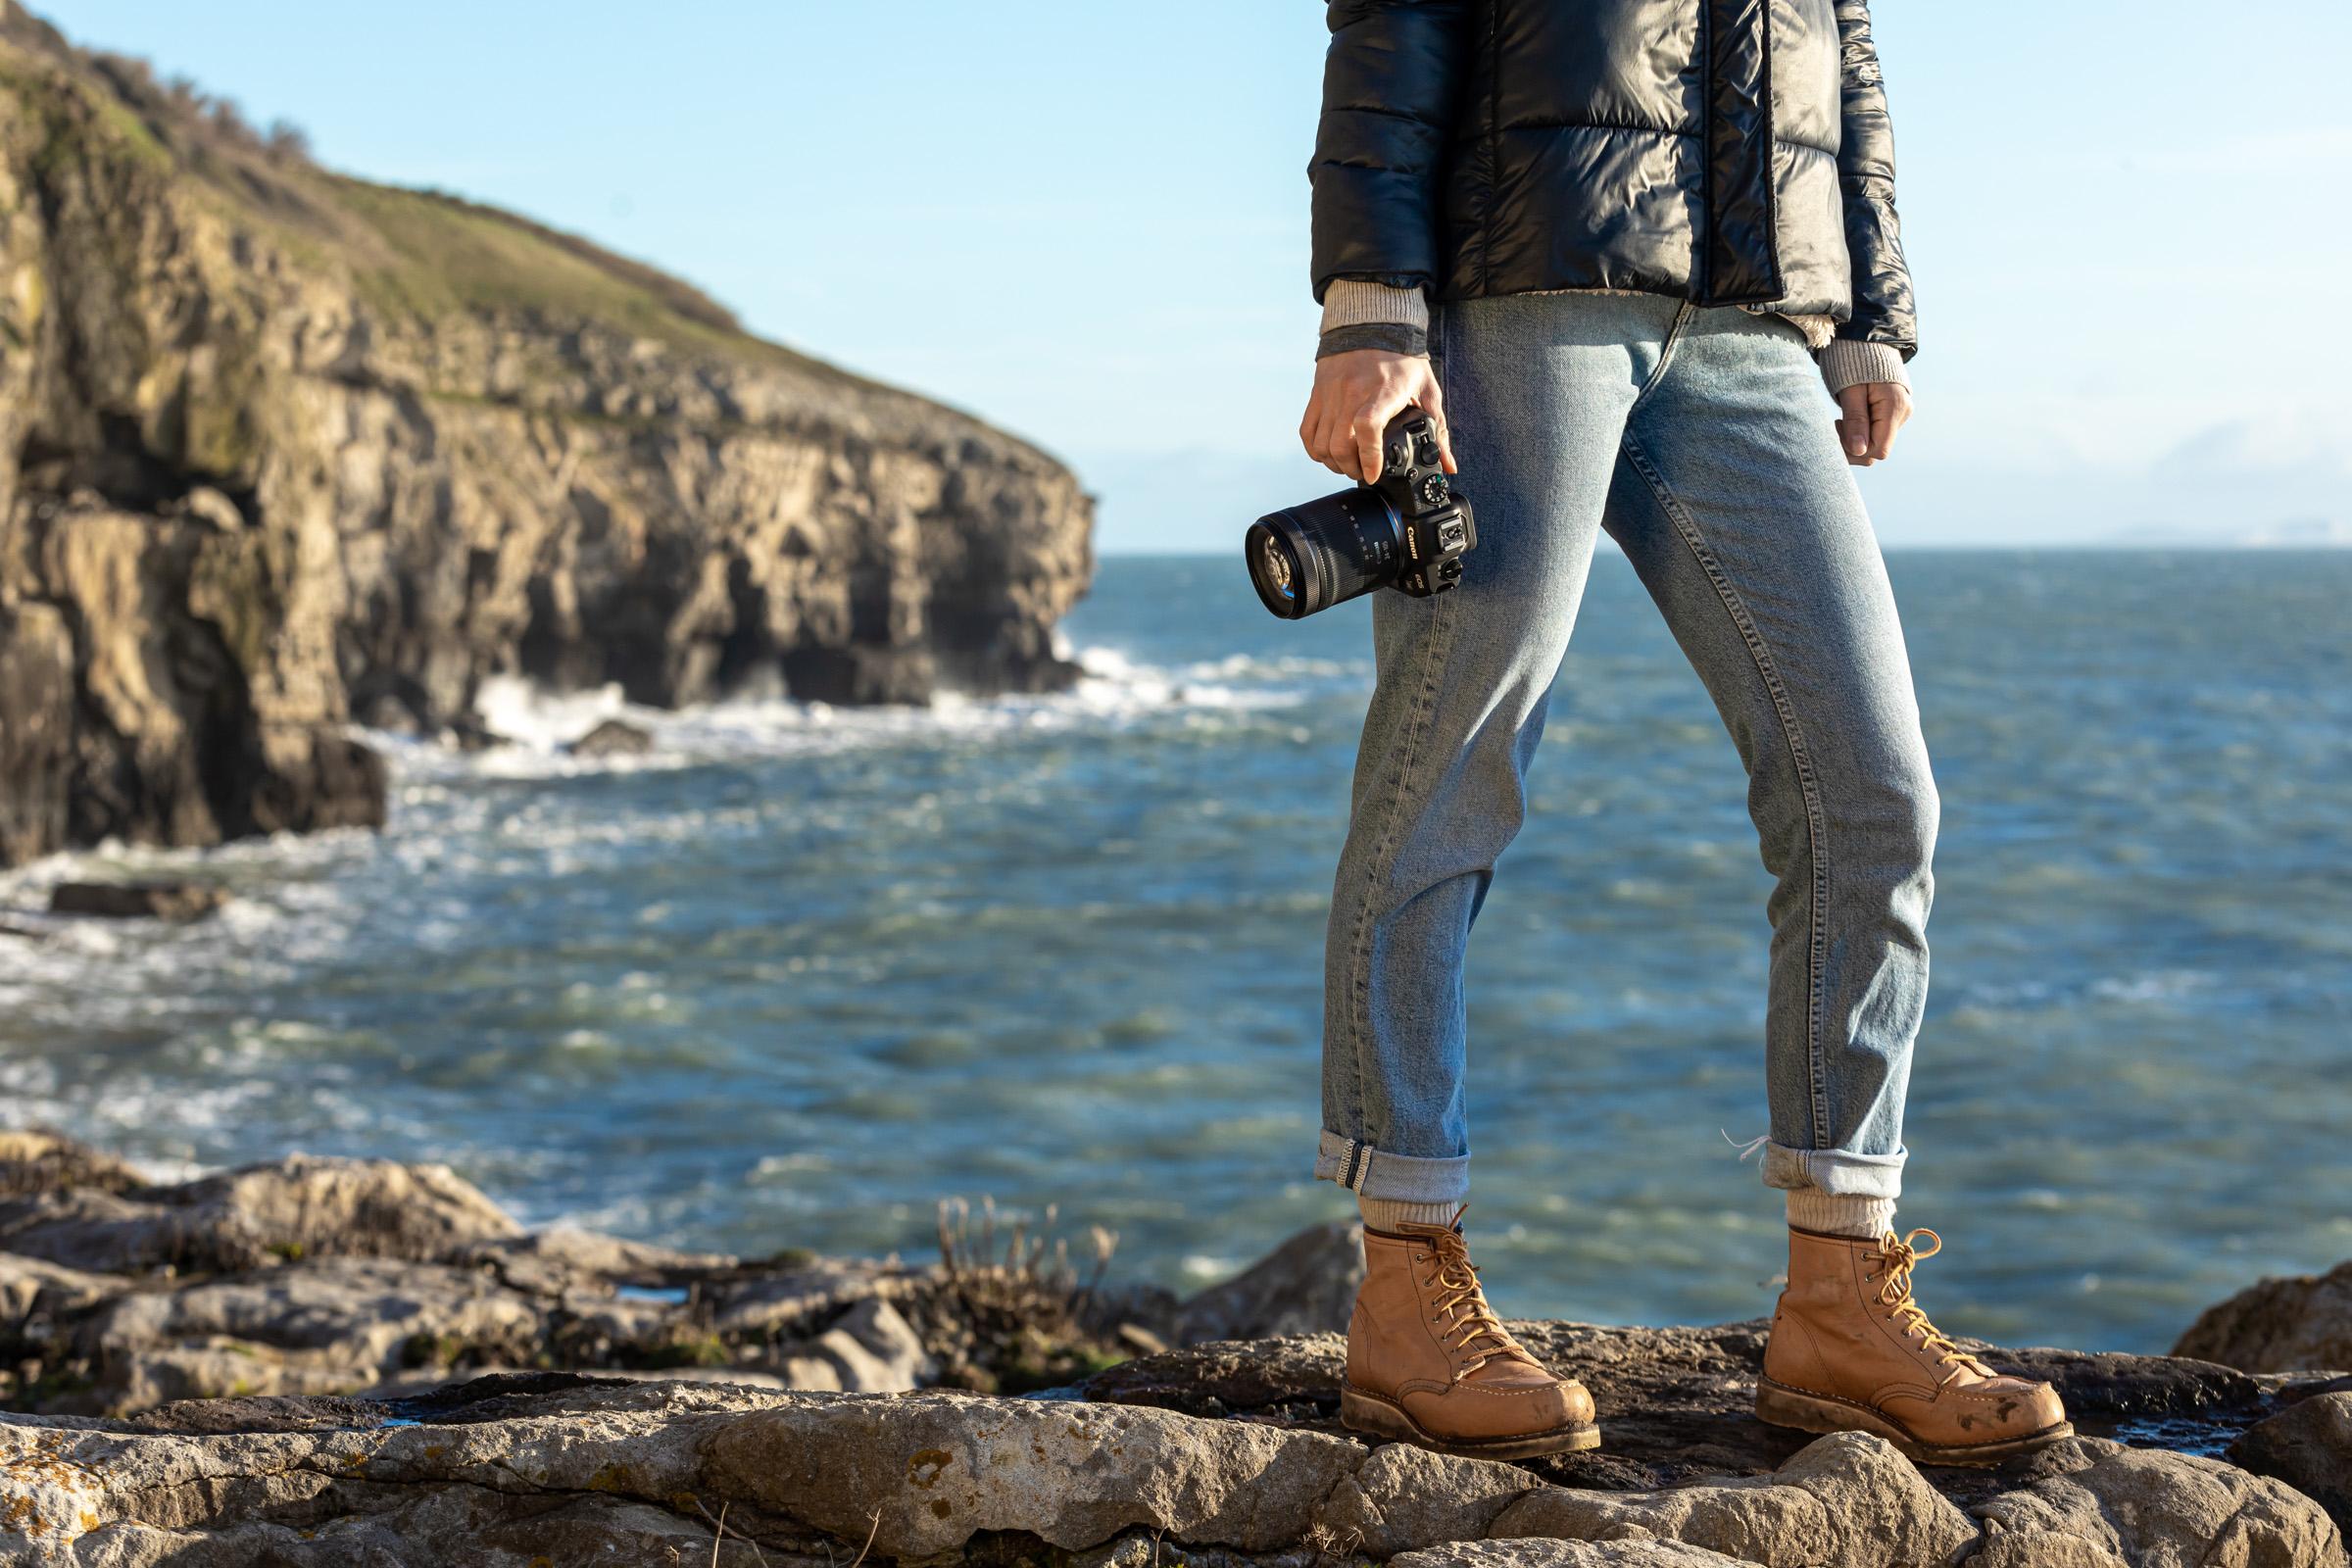 Canon EOS Lifestyle - Dorset, England